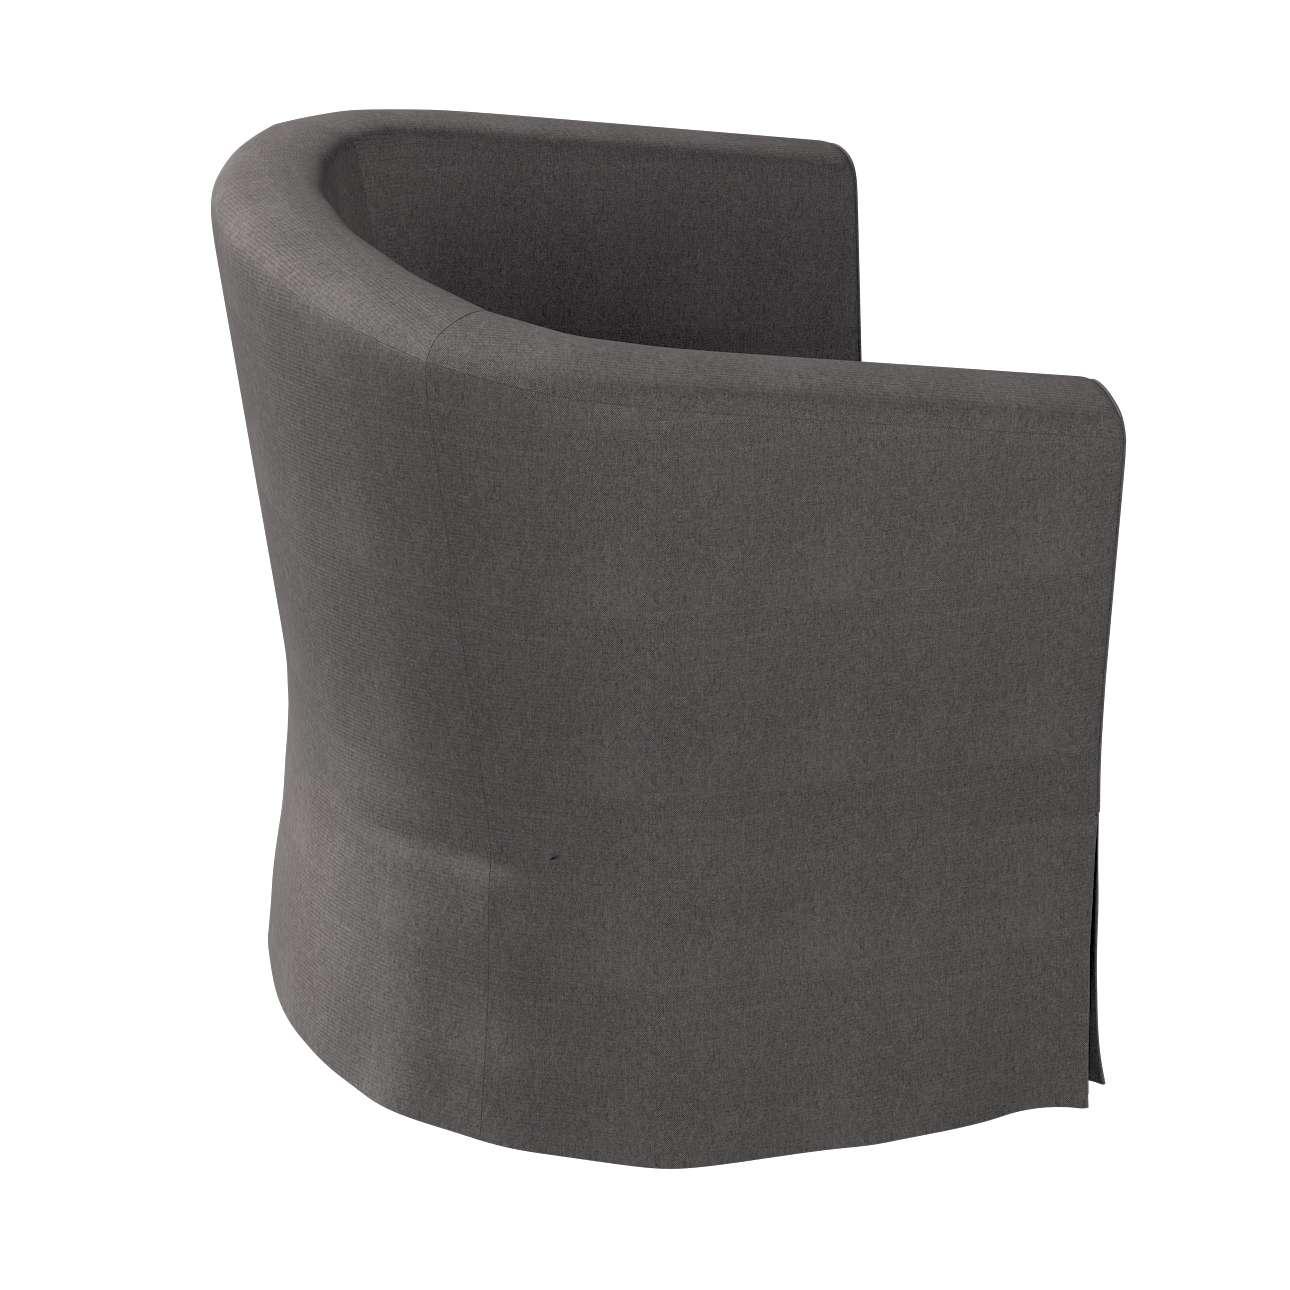 Pokrowiec na fotel Ektorp Tullsta w kolekcji Etna, tkanina: 705-35